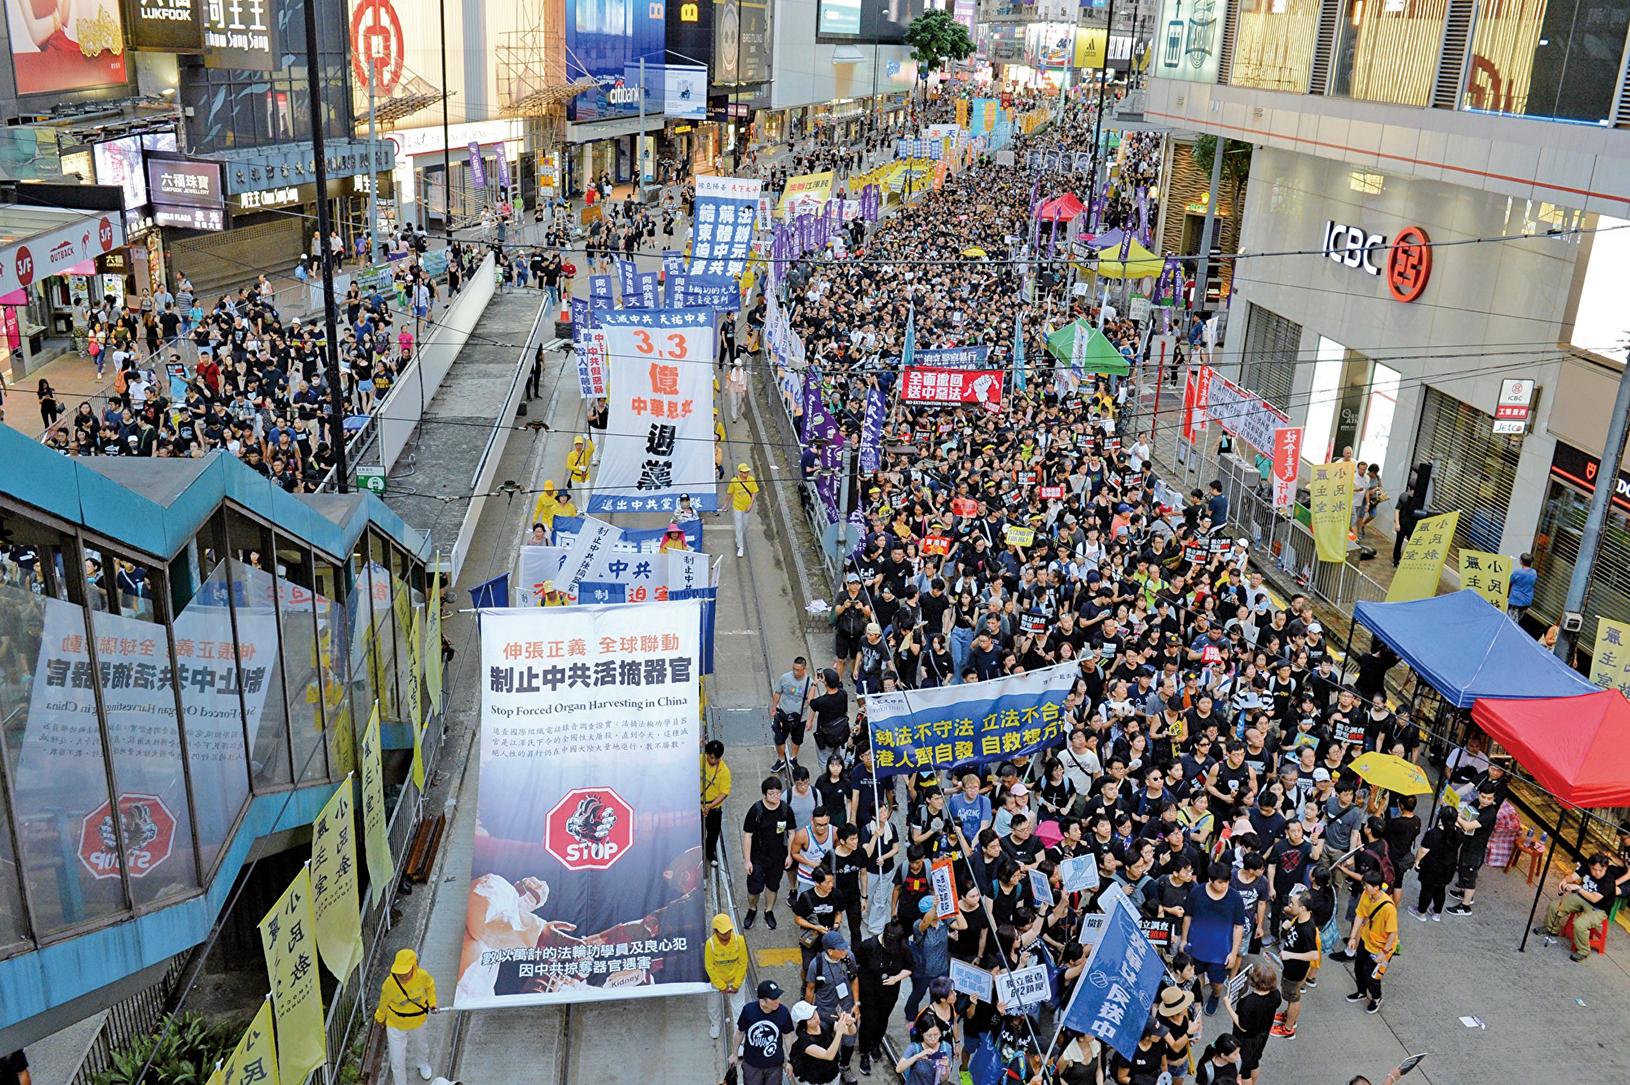 2019年7月1日,香港七一大遊行隊伍中,制止中共活摘器官的橫幅。(宋碧龍/大紀元)